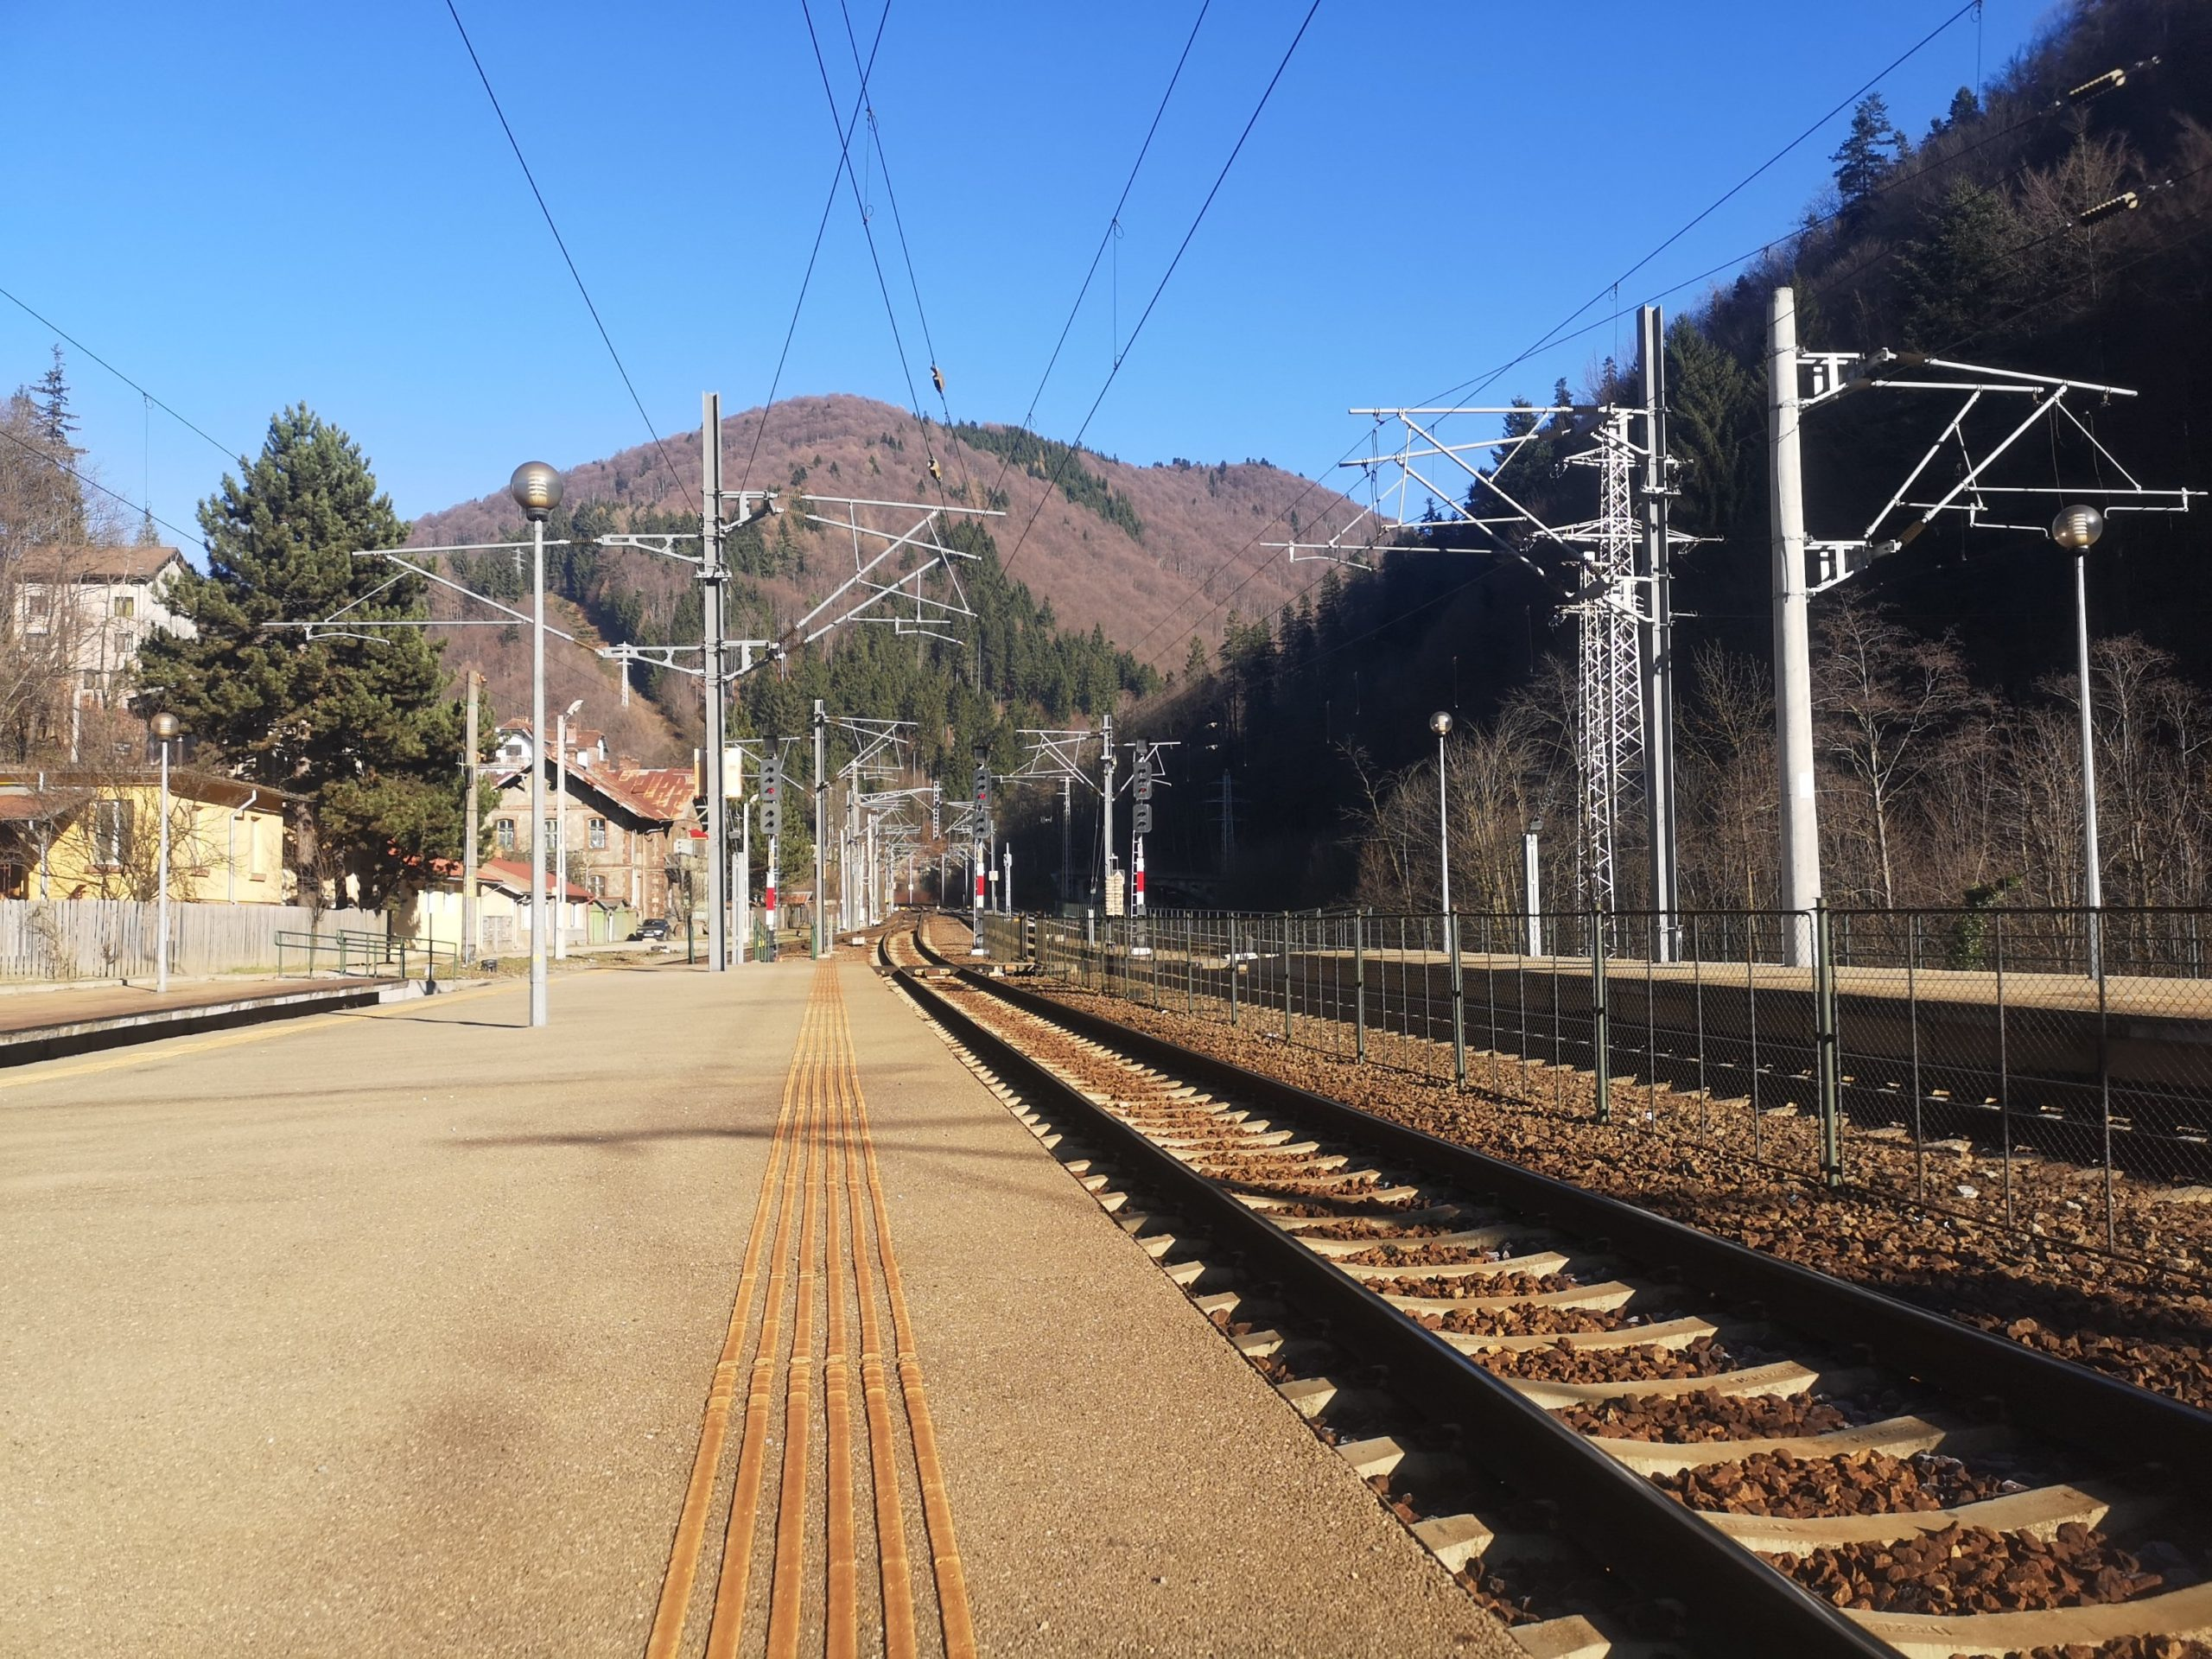 Stacja kolejowa Sinaia